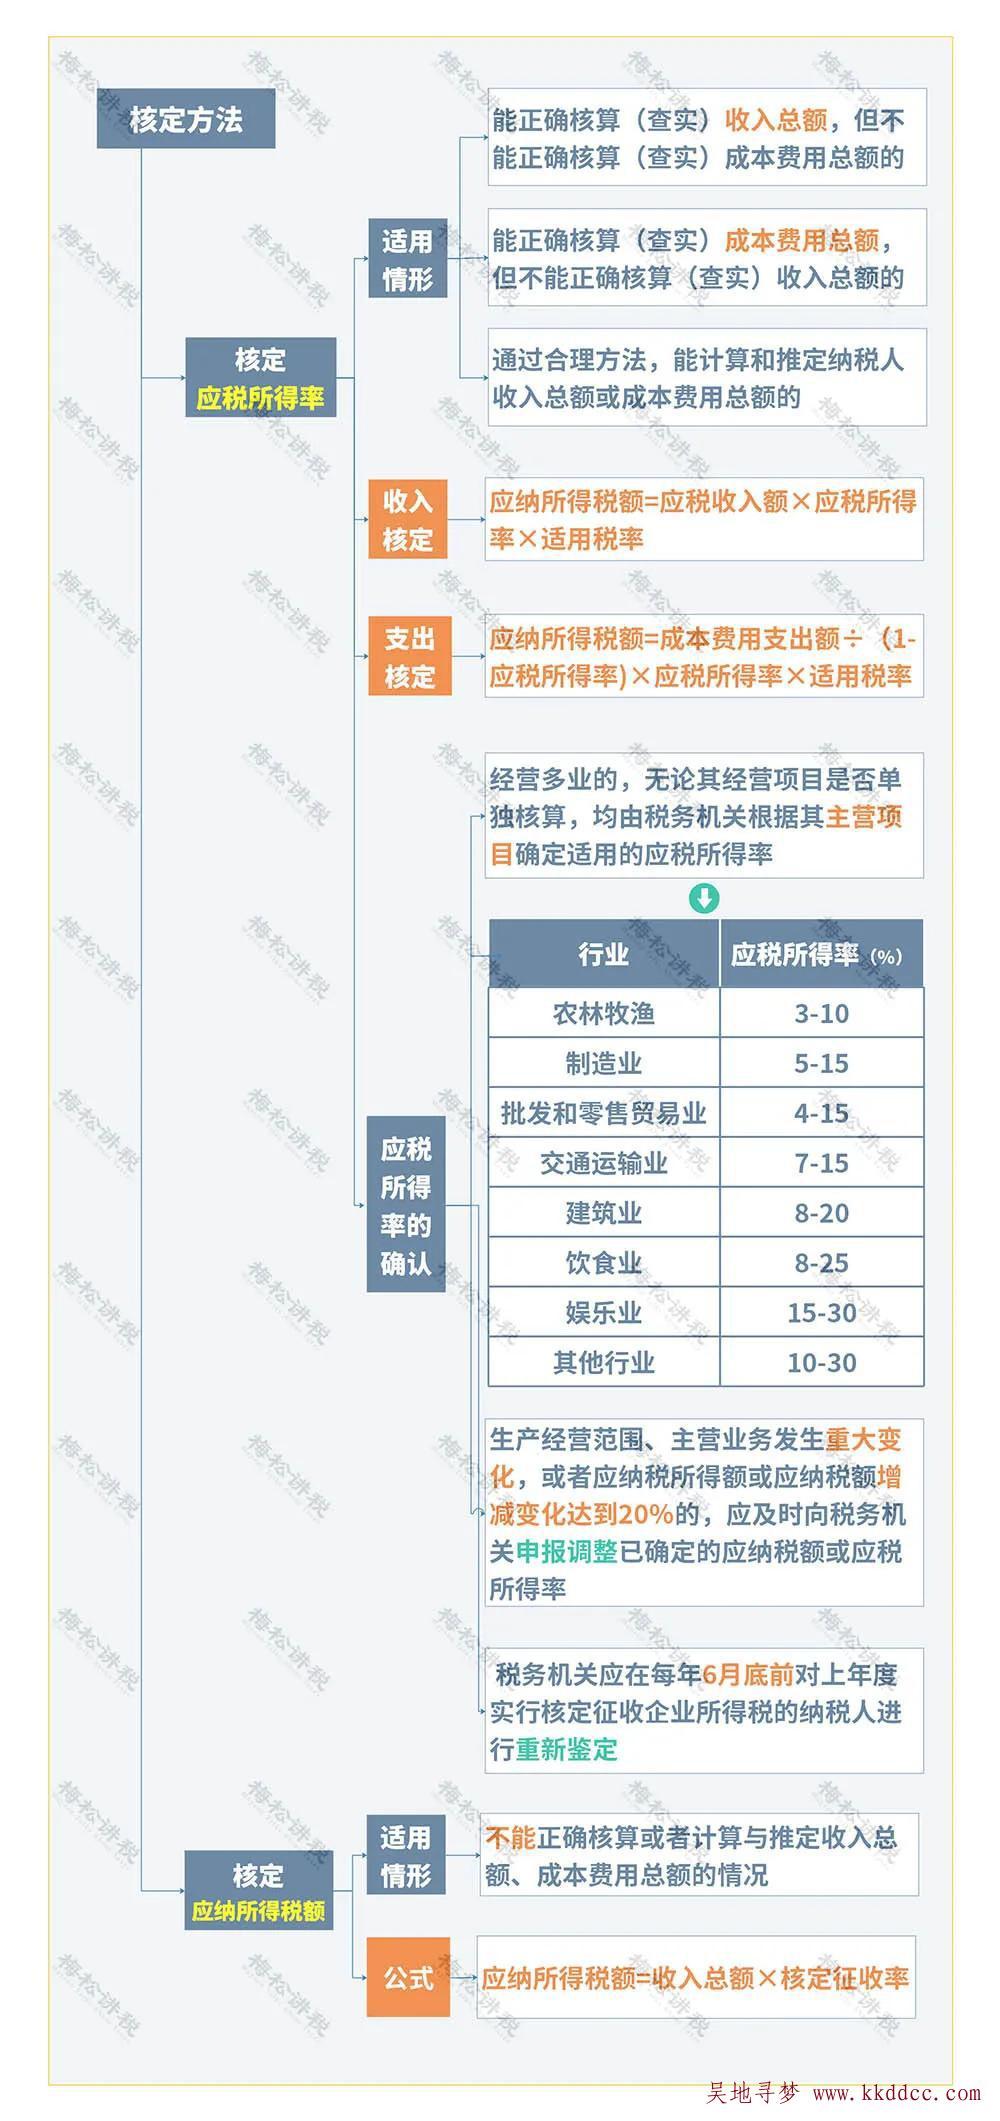 国税函[2009]377号哪些纳税人不适用企业所得税核定征收